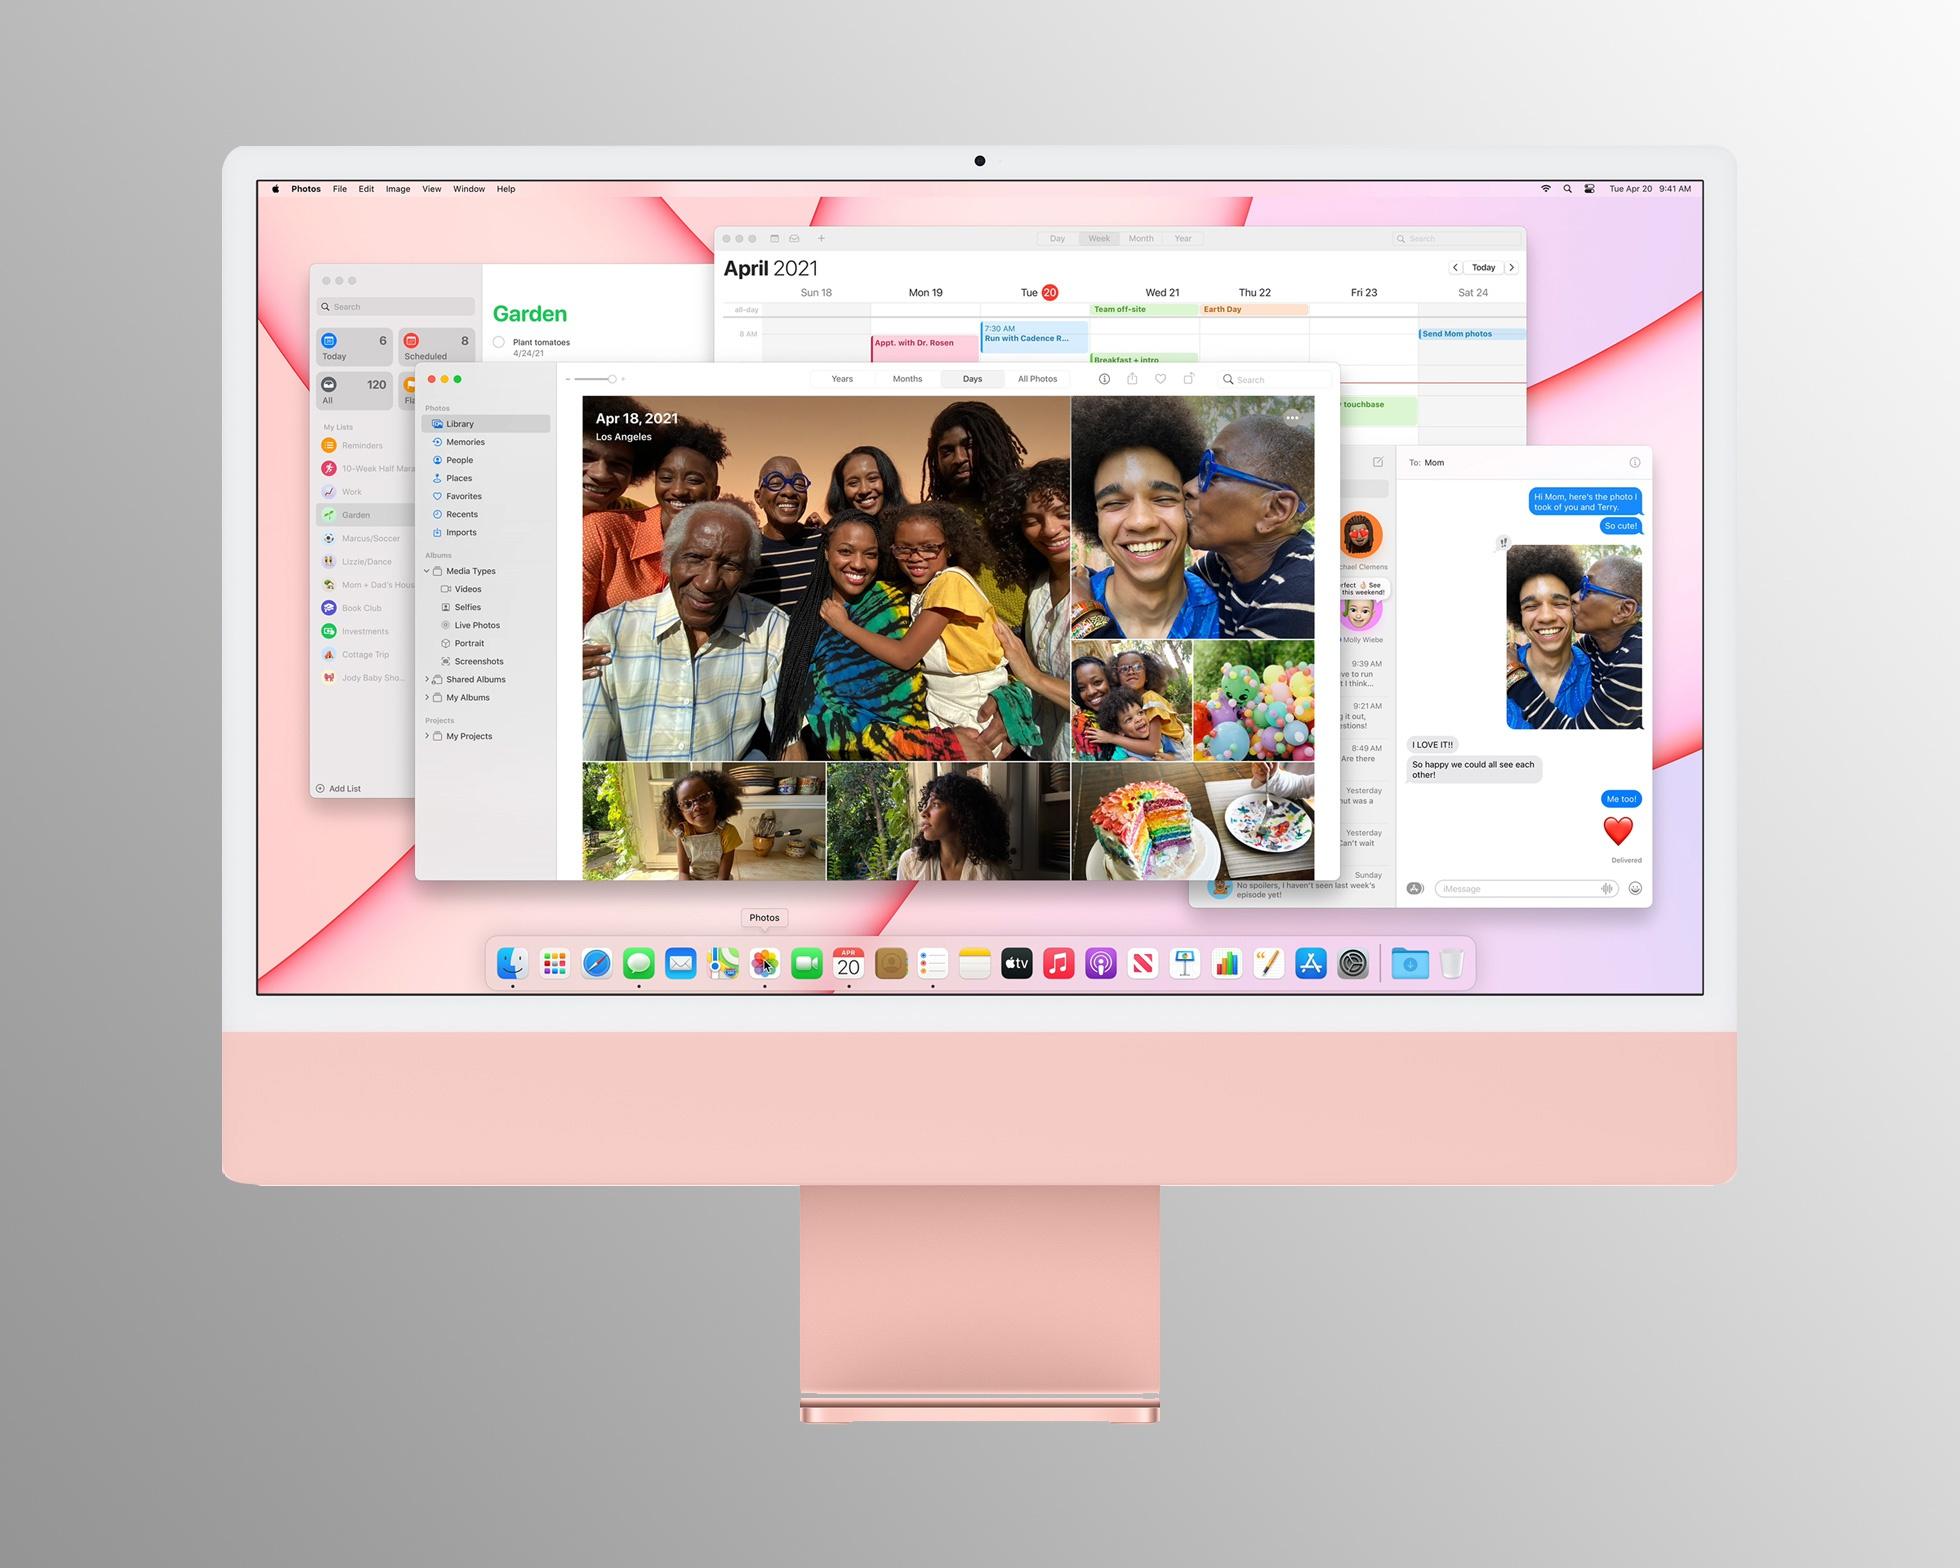 Apple ra mắt iPhone mới màu tím, iPad M1, AirTag và iMac - Ảnh 4.